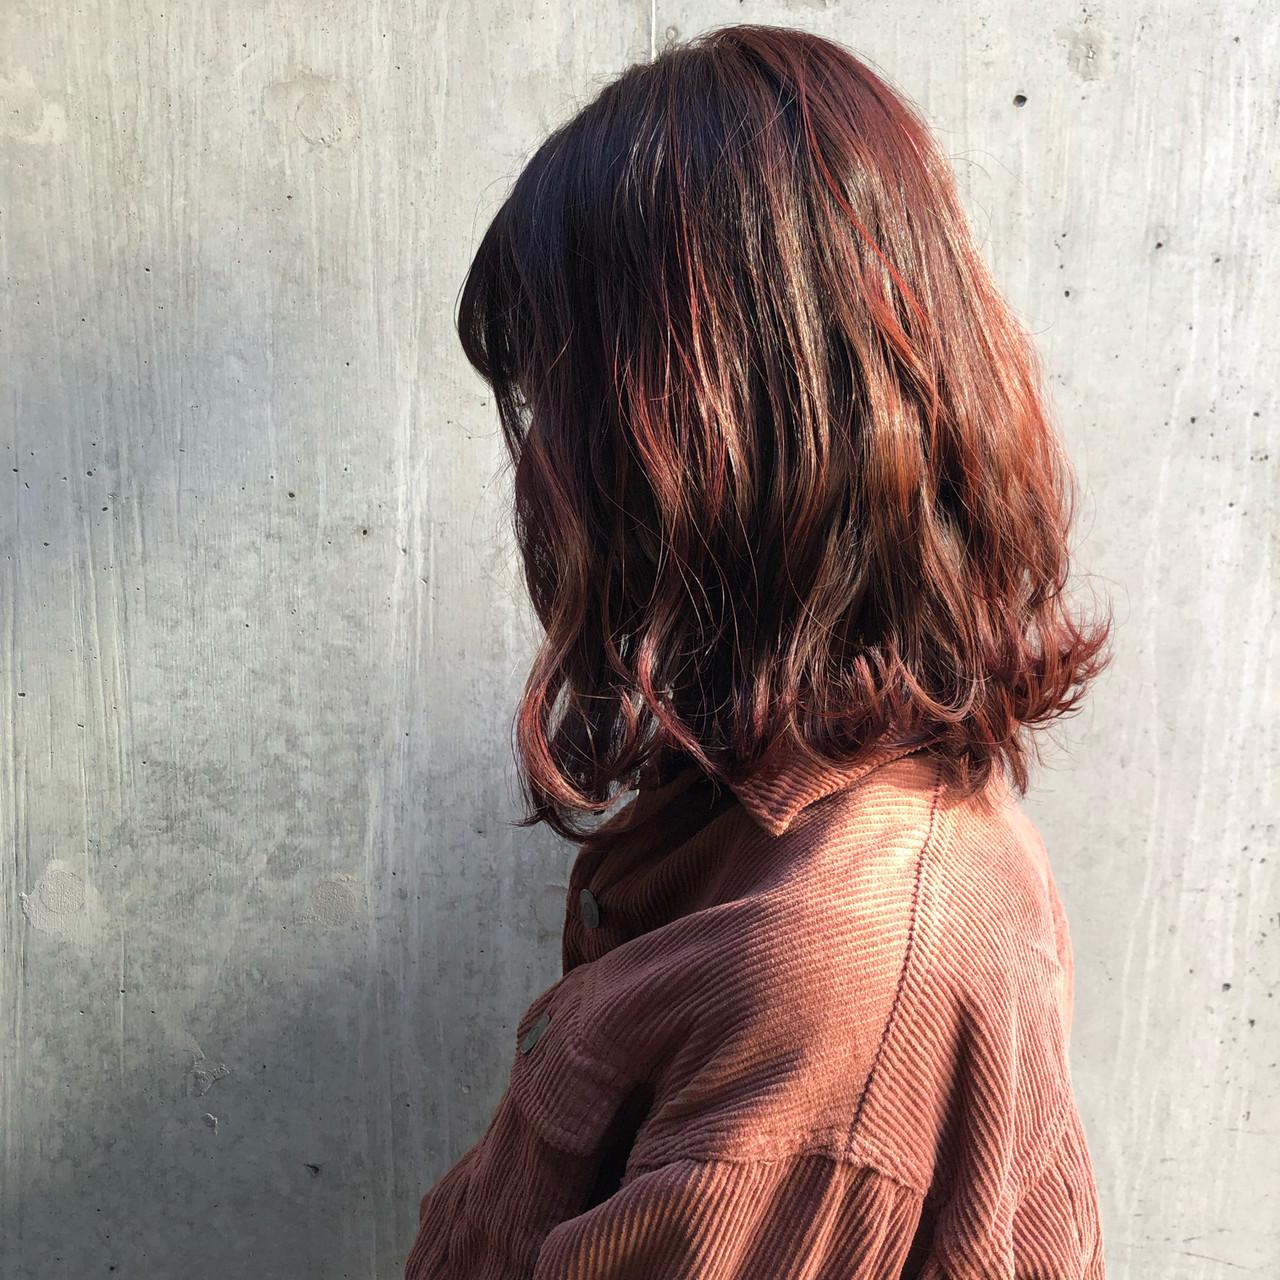 大人かわいい ボブ 秋冬スタイル ボルドー ヘアスタイルや髪型の写真・画像 | Acotto Yuca / Acotto